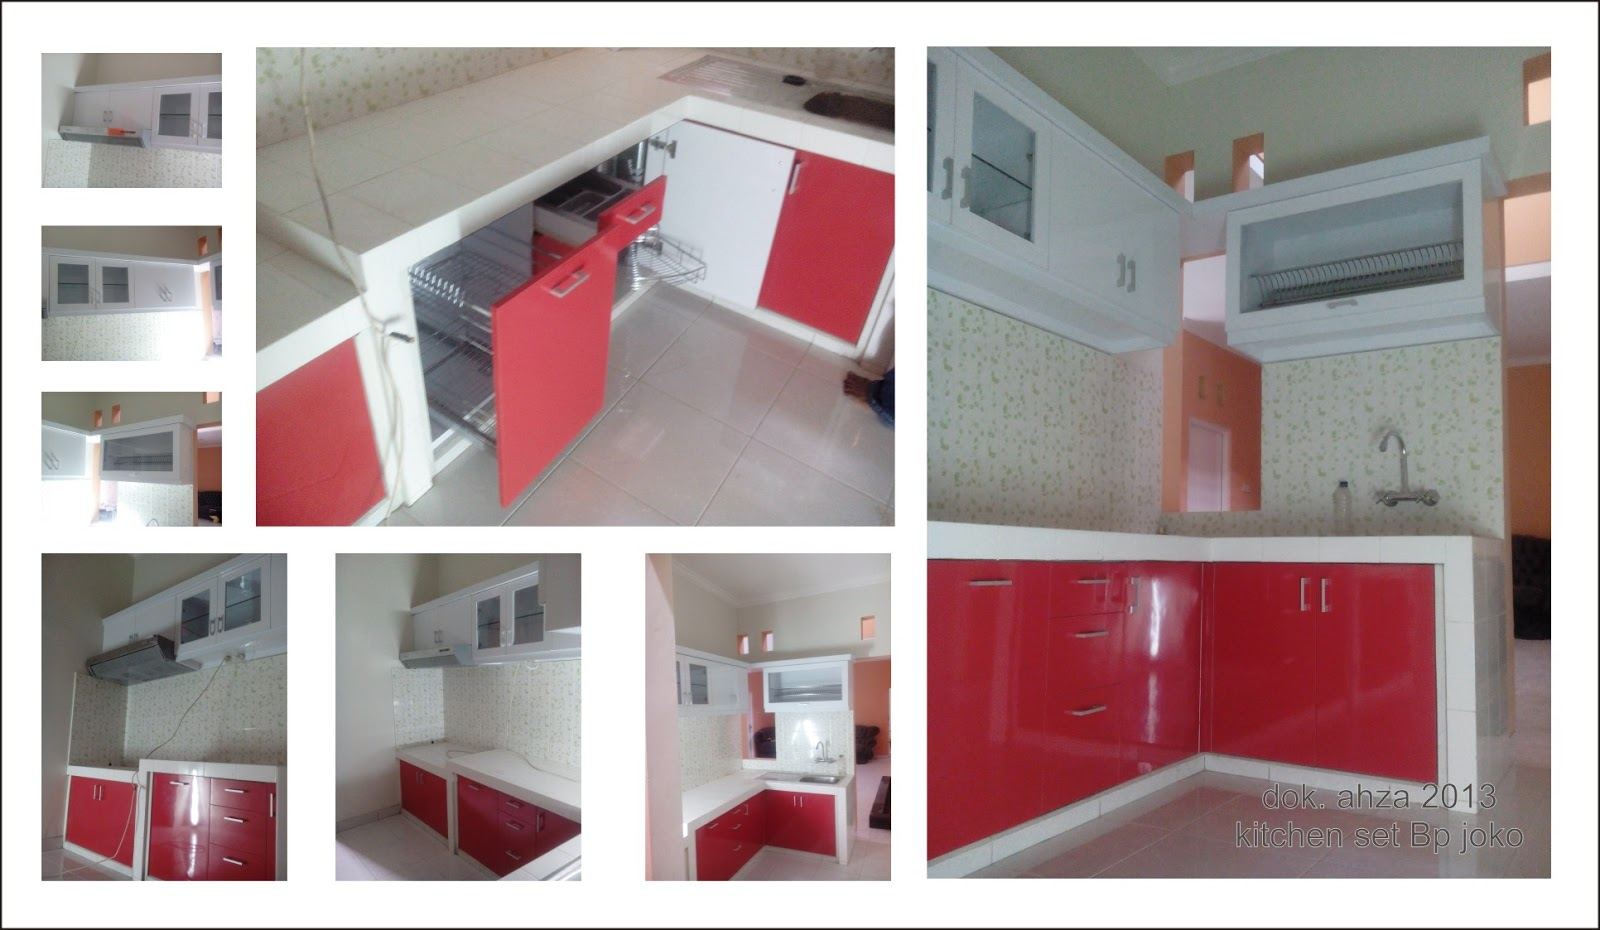 Desain Interior Desain Mebel Desain Produk Kontruksi Dan Bangunan